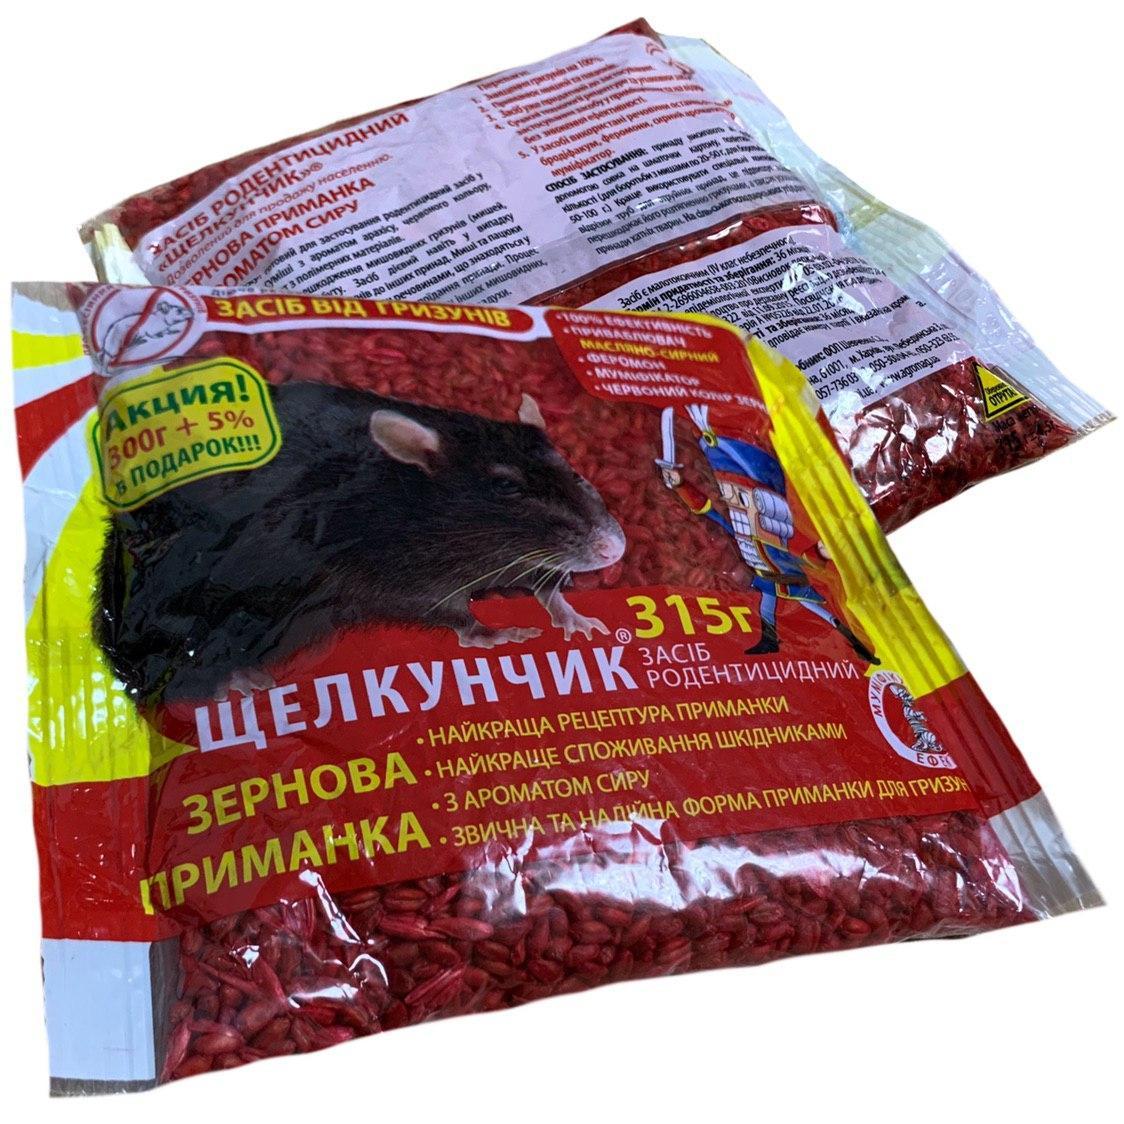 Зерновая приманка от грызунов ЩЕЛКУНЧИК 315г с ароматом сыра